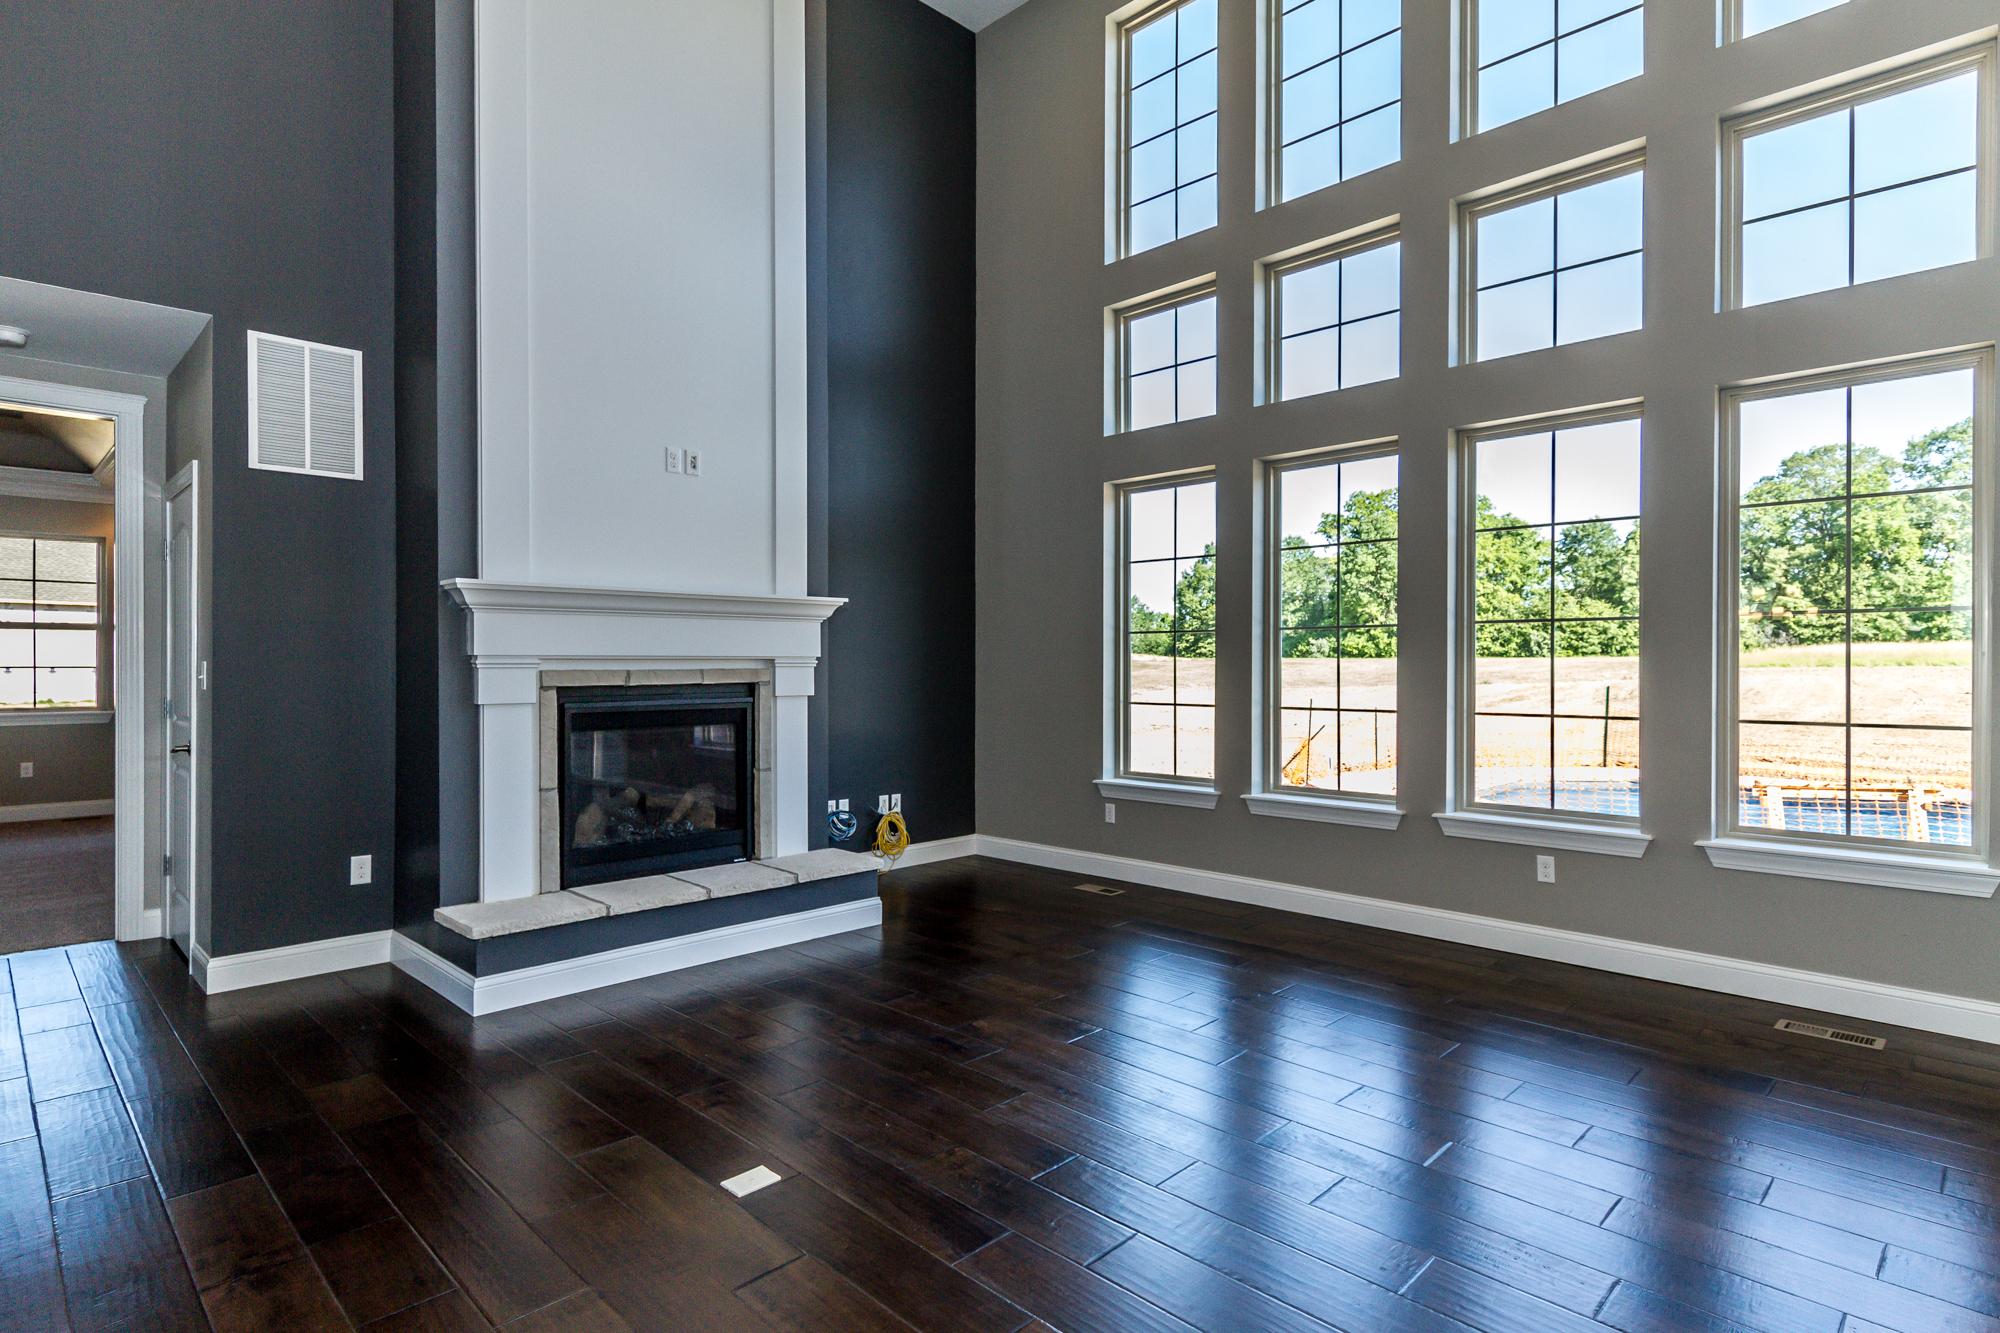 New-Construction-For-Sale-O'Fallon-Illinois-CR-Holland-0-19.2.jpg